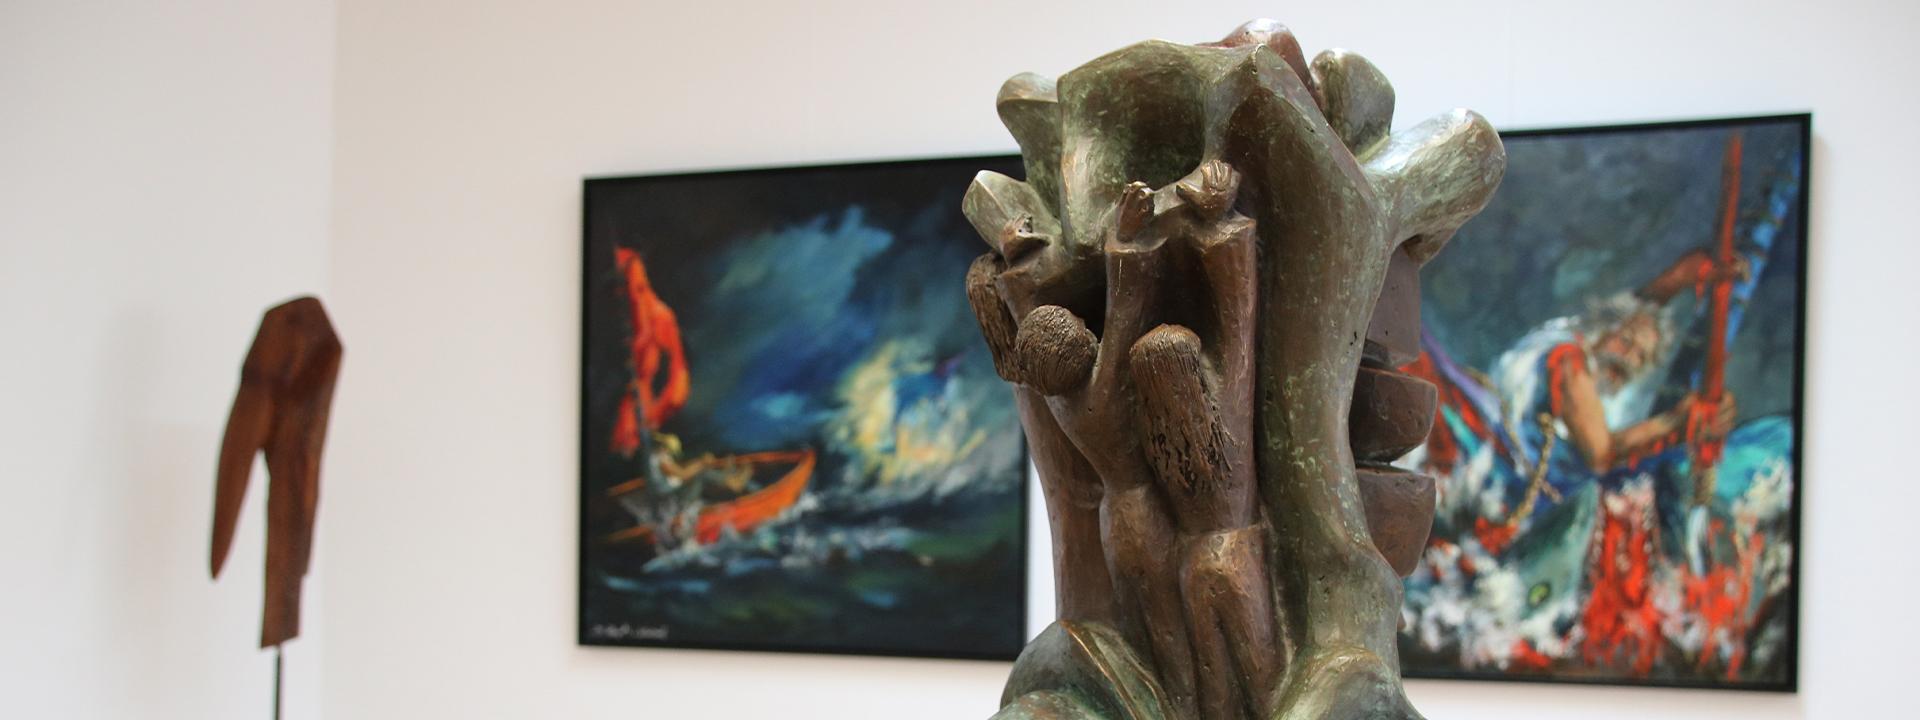 Eine kleine Bronzeskulptur im Vordergrund steht vor großformatigen Ölbildern